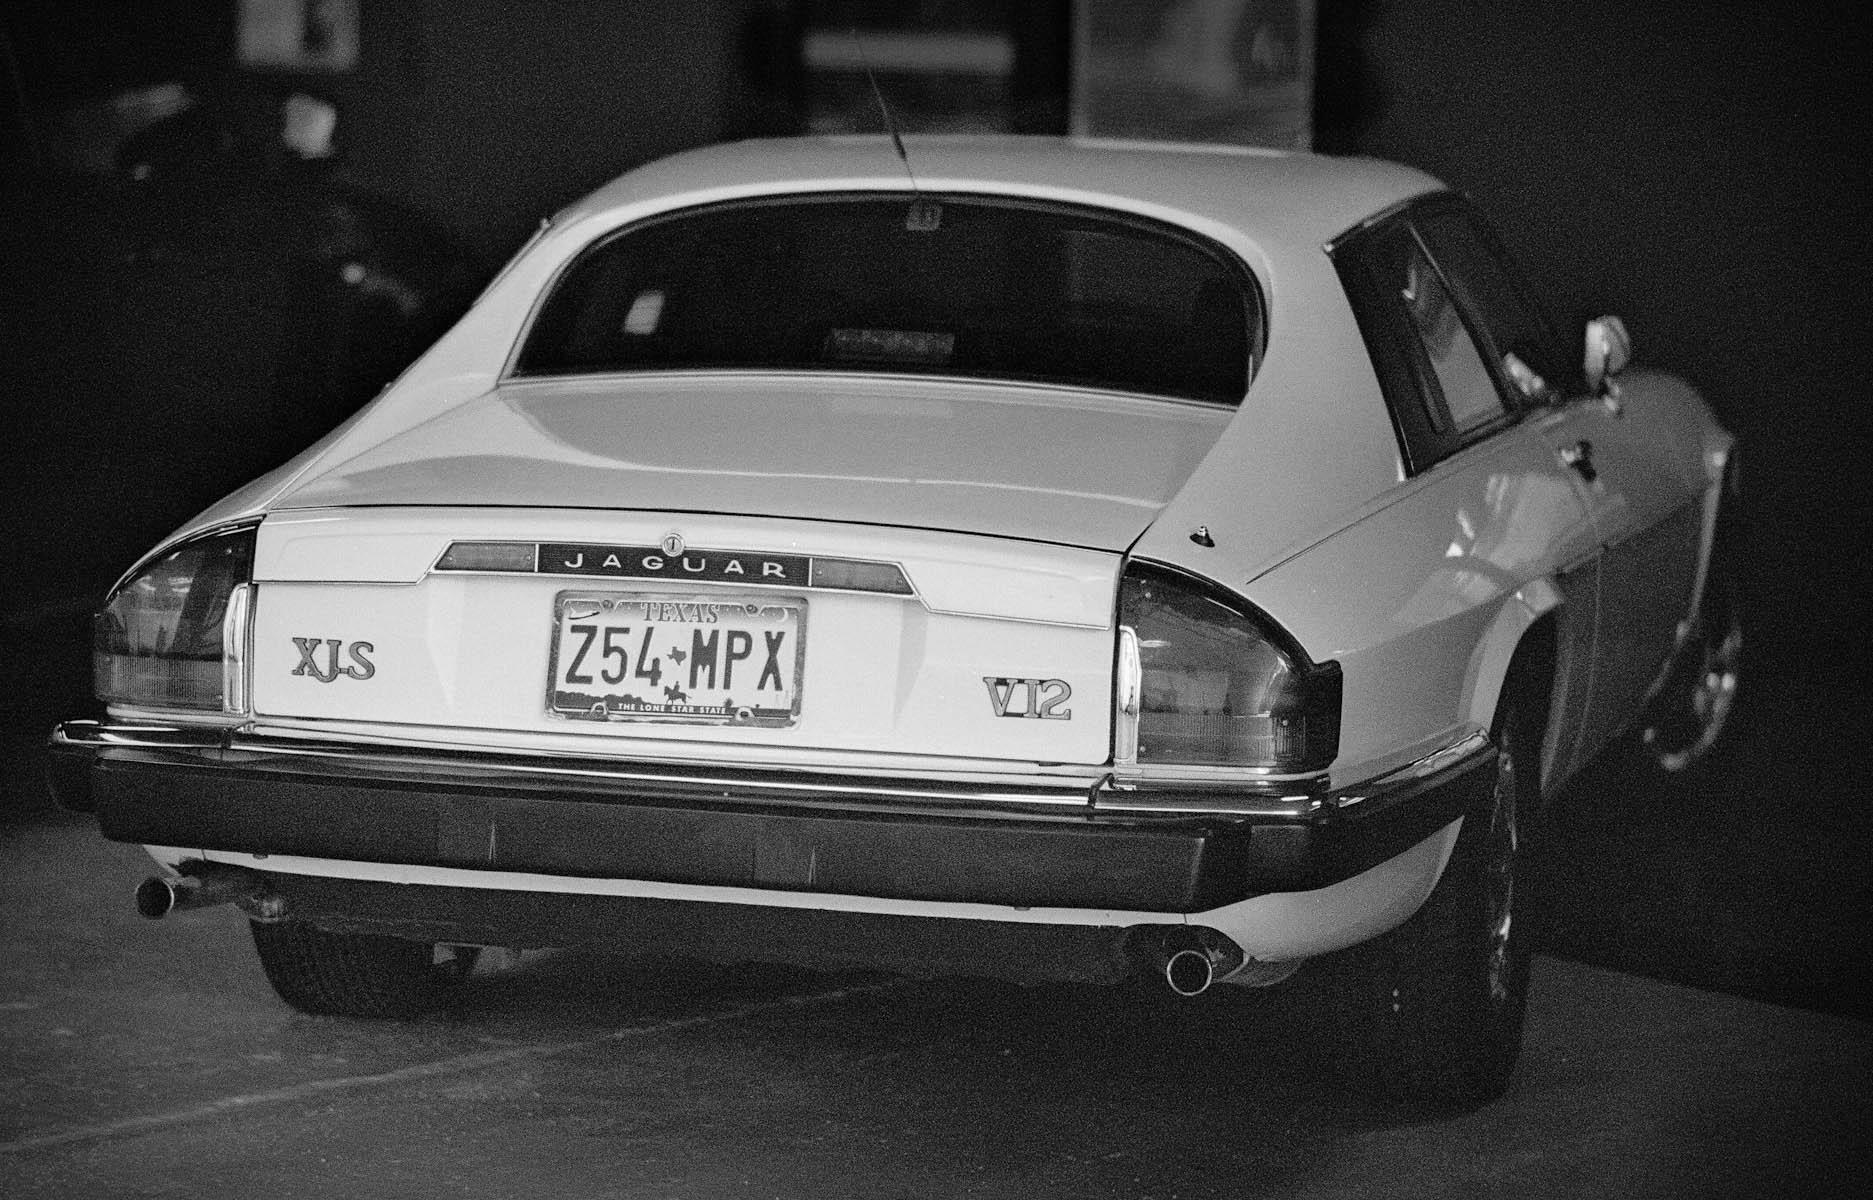 Jaguar_XJS